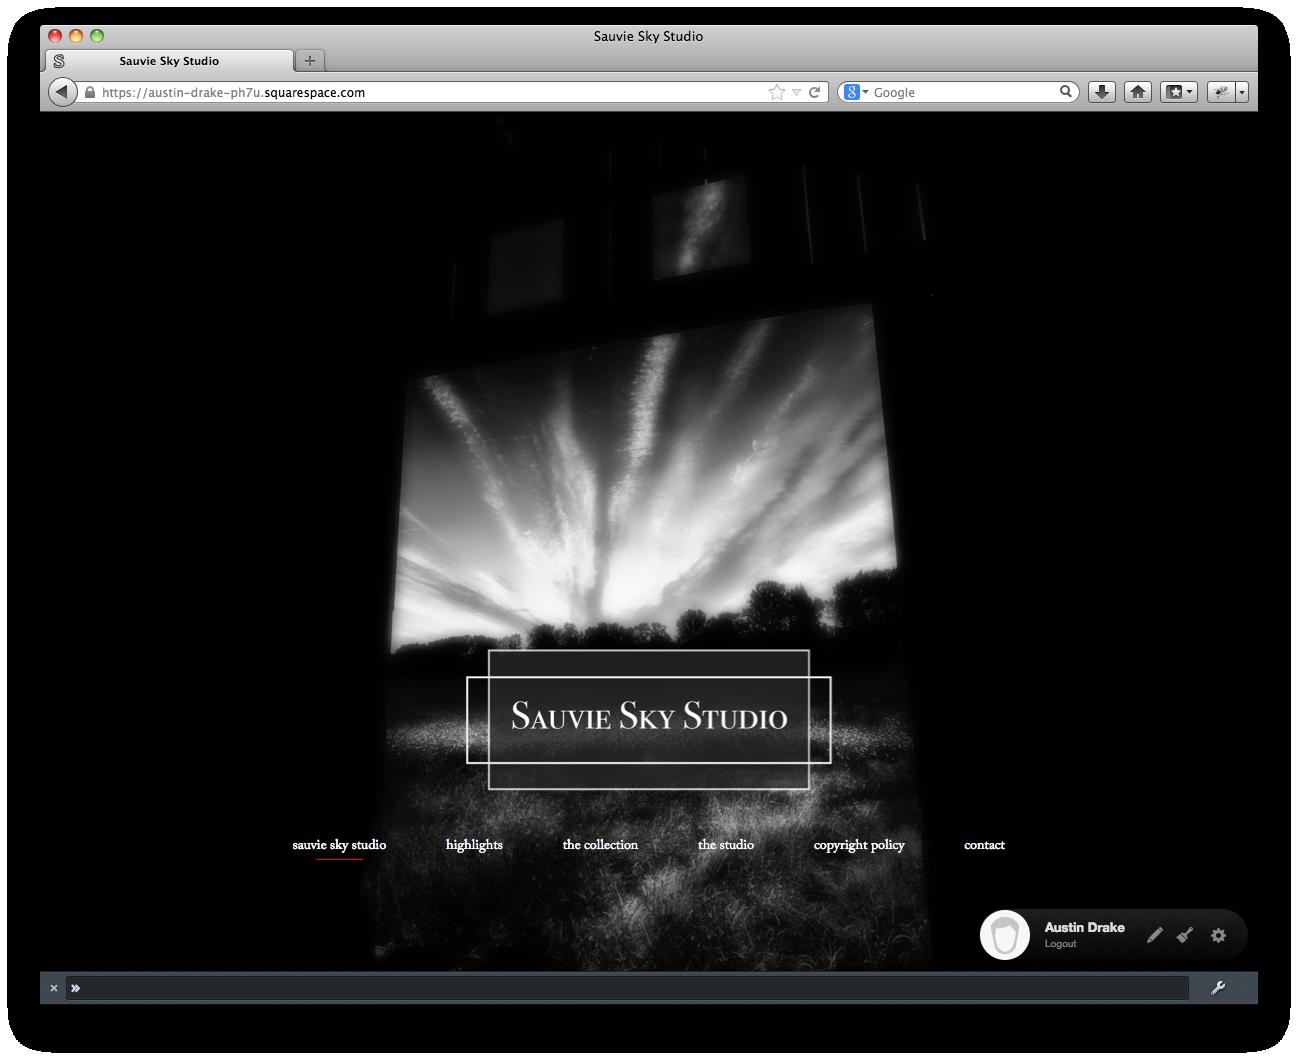 Screen shot 2013-10-02 at 12.19.34 PM.png